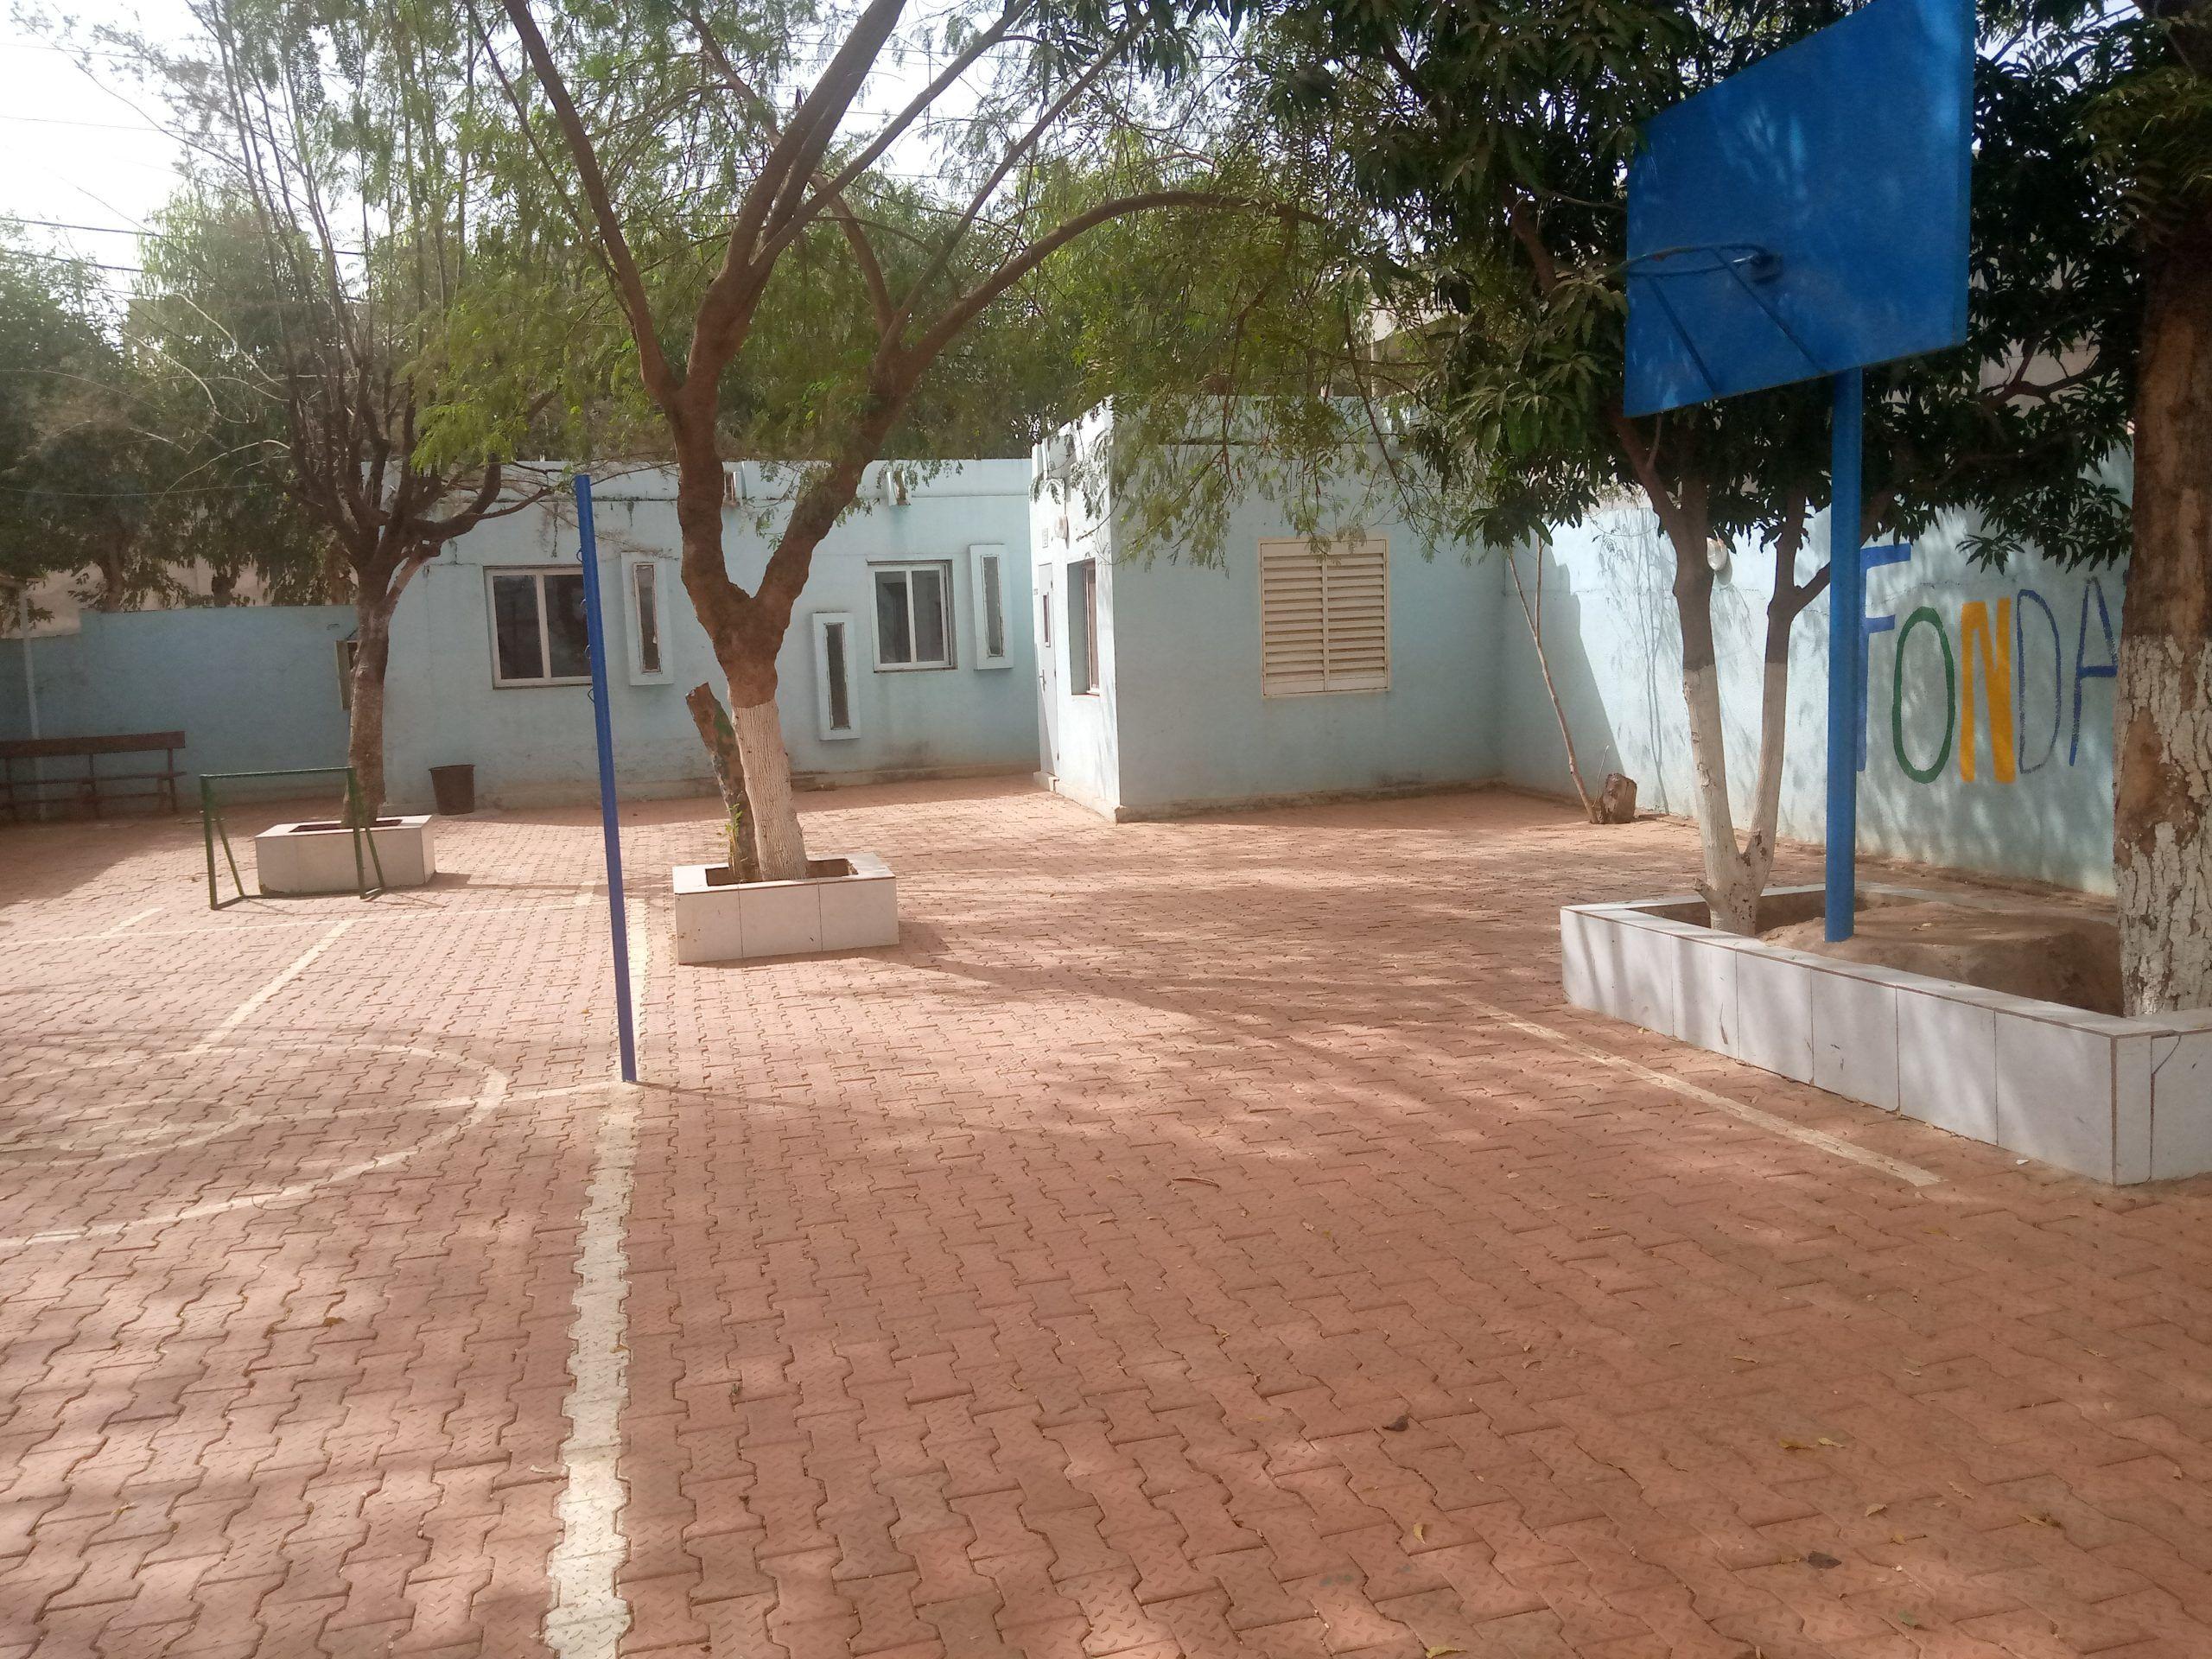 Maison A VENDRE 1050 m2 KOROFINA NORD Bamako Mali.